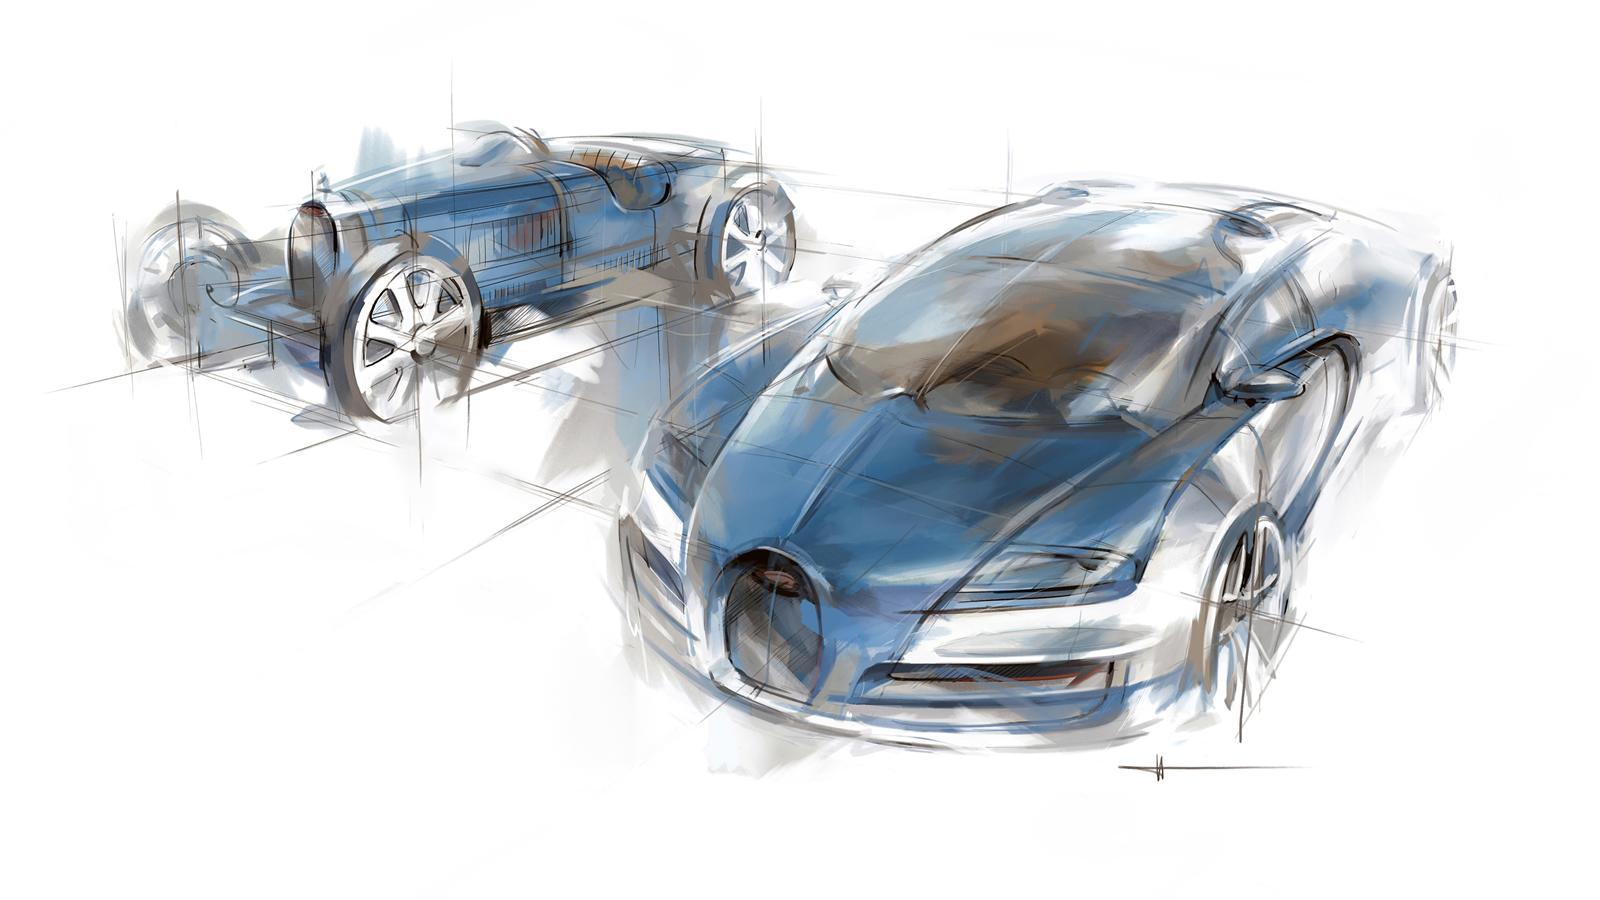 bugatti-veyron-meo-costantini-edition-breaks-cover-photo-gallery_16